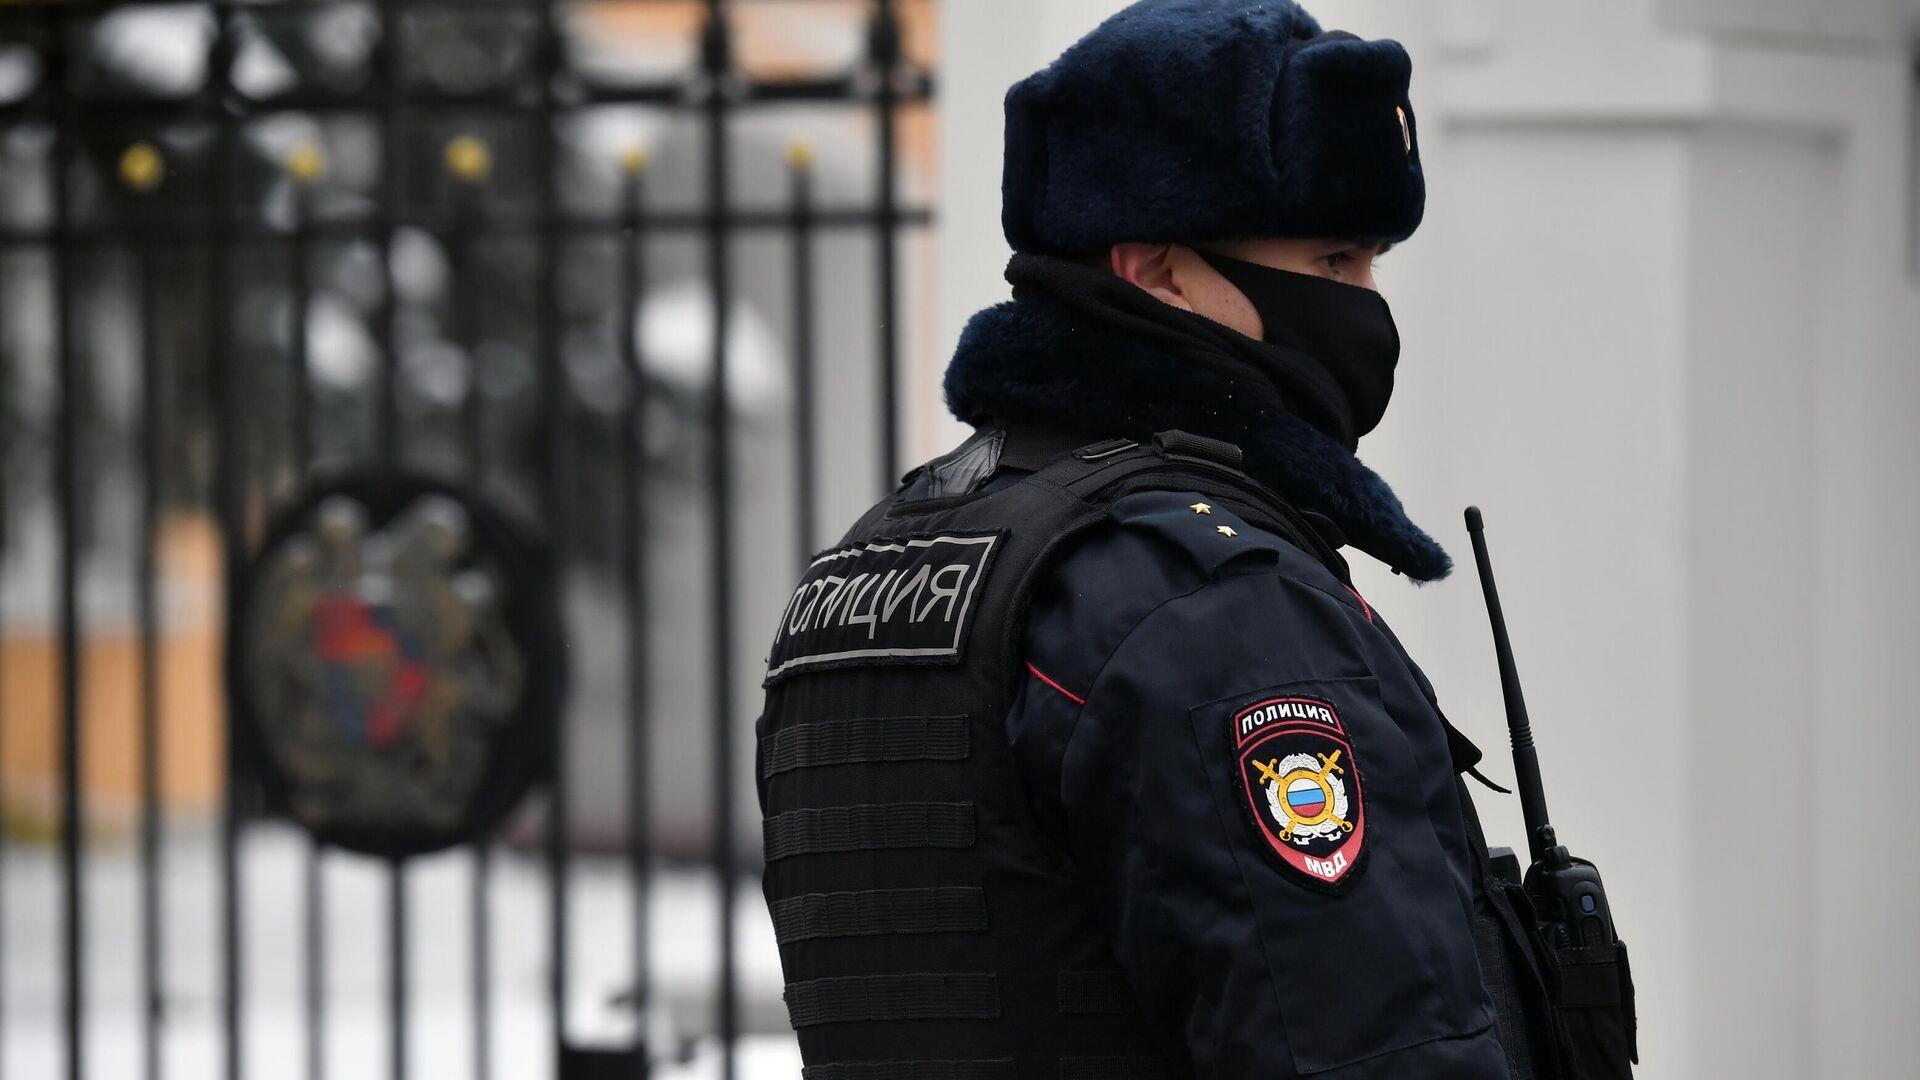 Сотрудник правоохранительных органов у здания посольства Республики Армения в Москве - РИА Новости, 1920, 23.01.2021